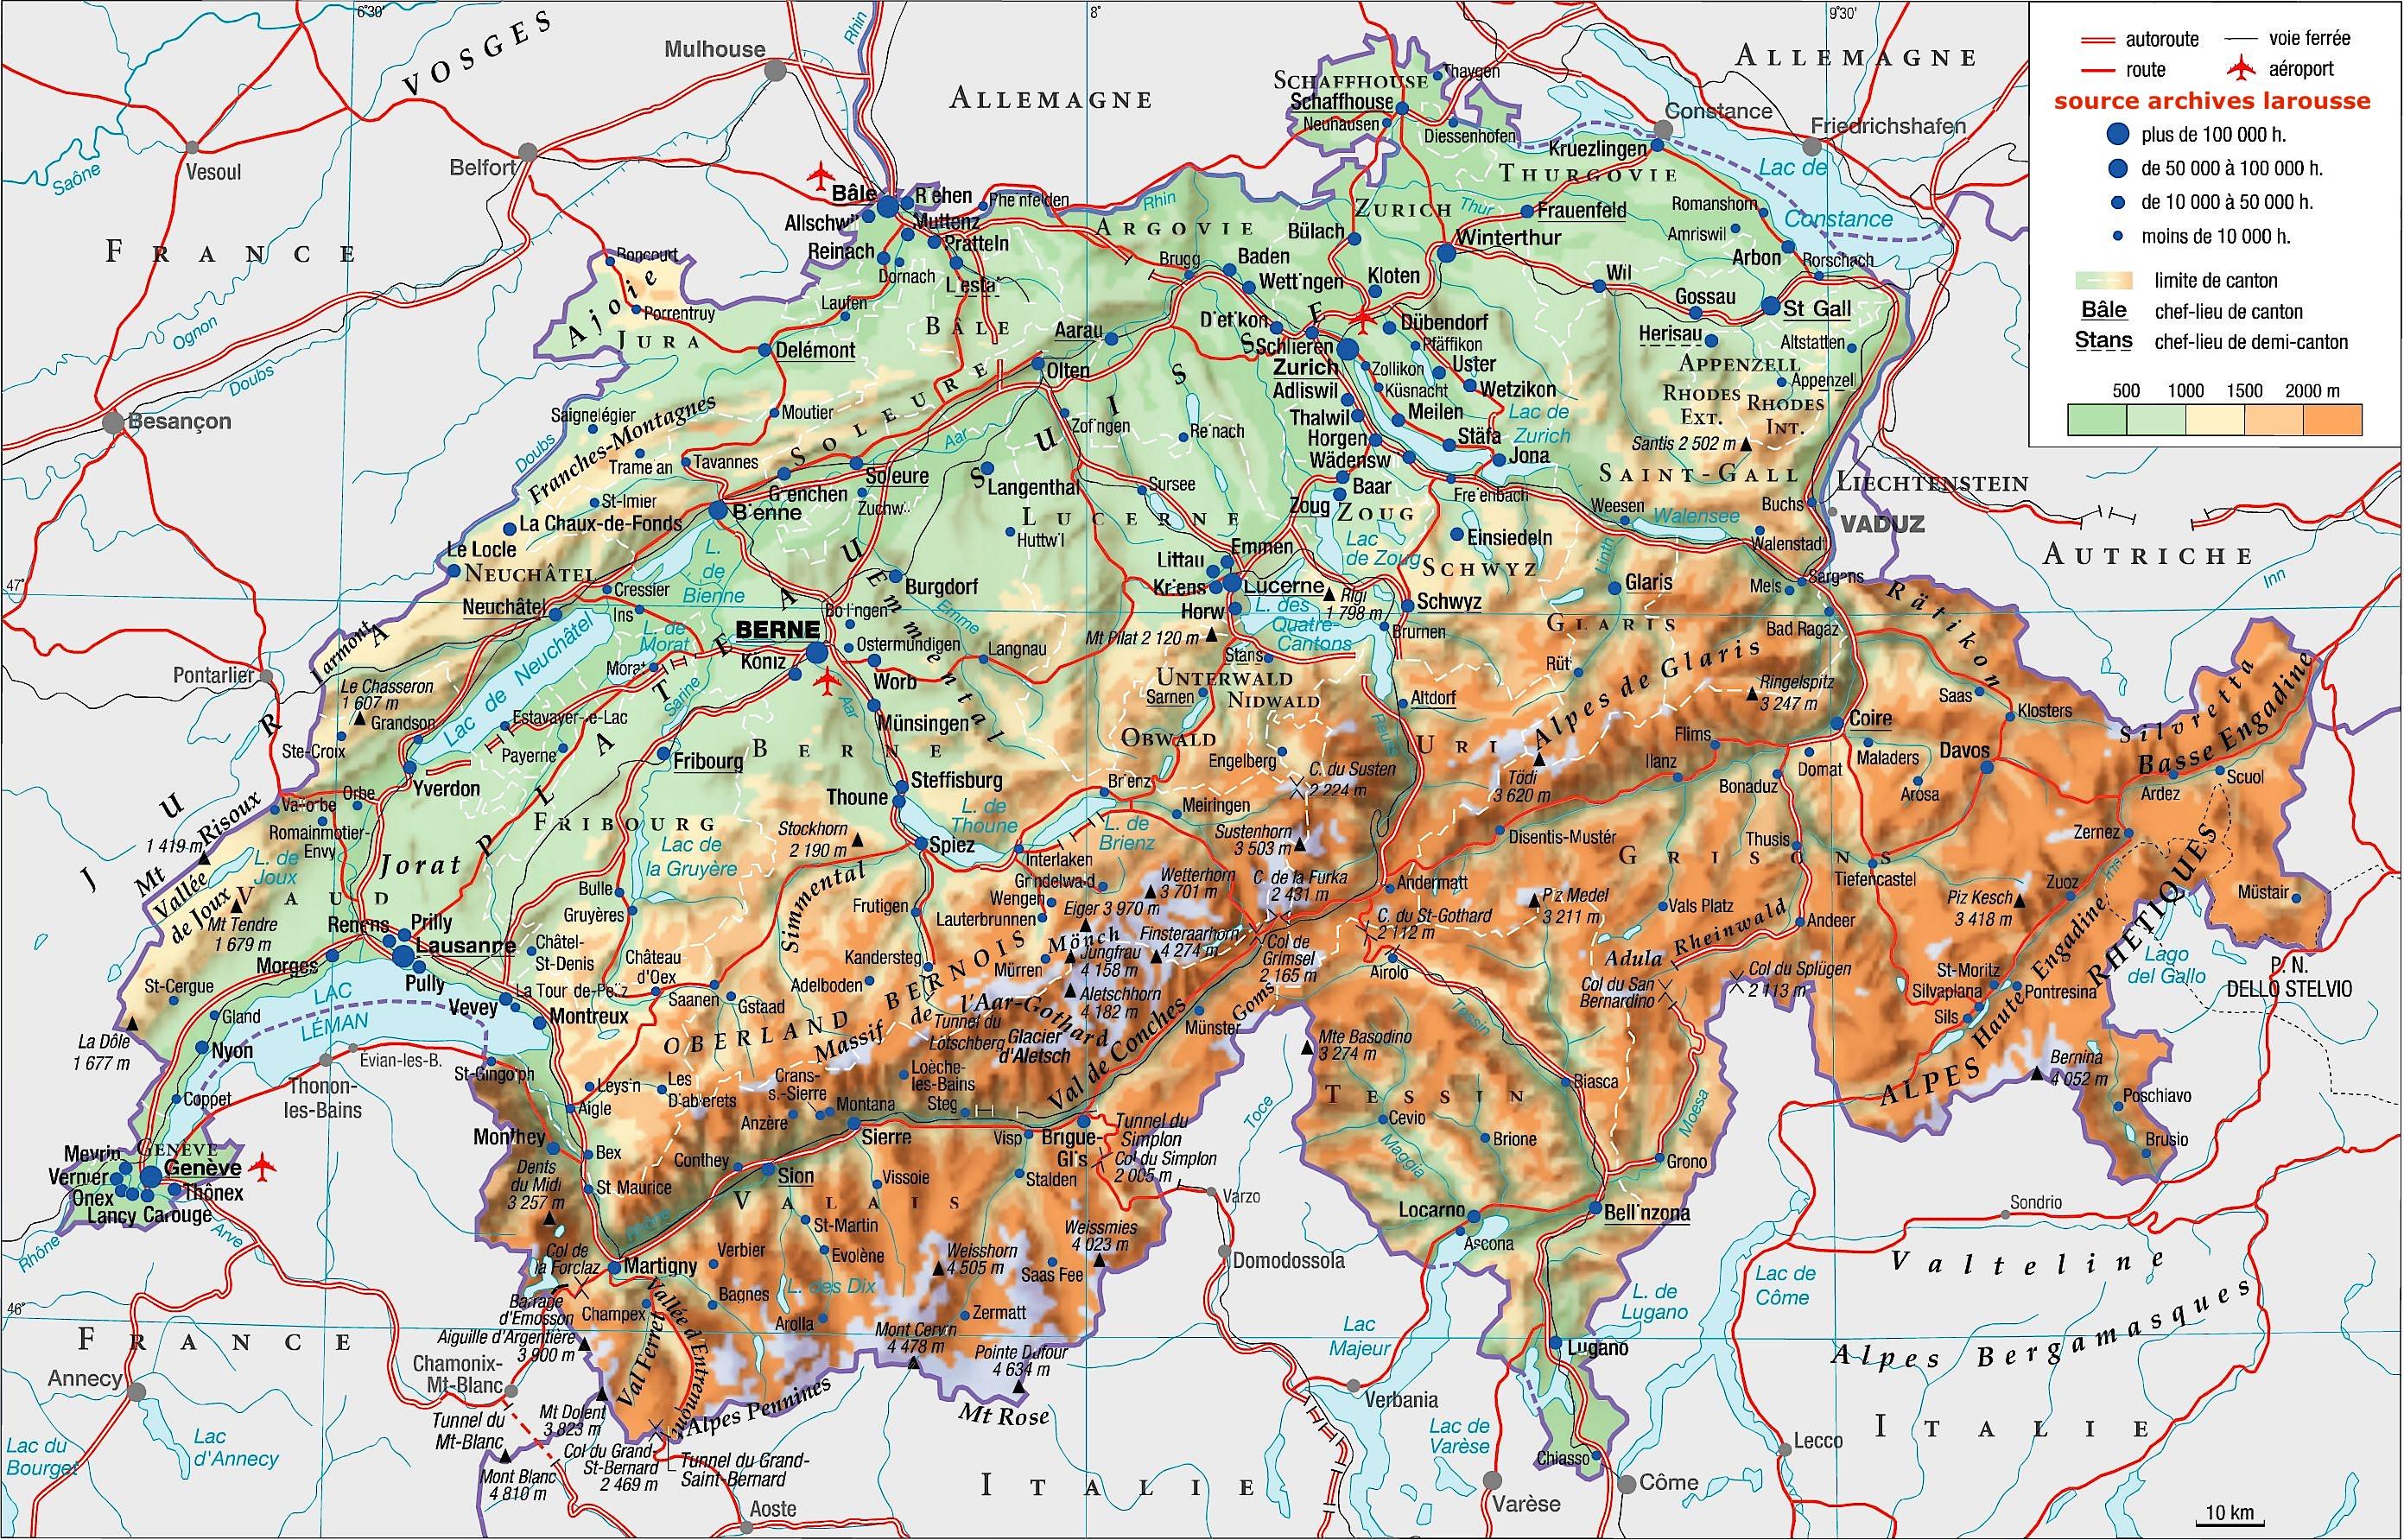 Carte suisse larousse